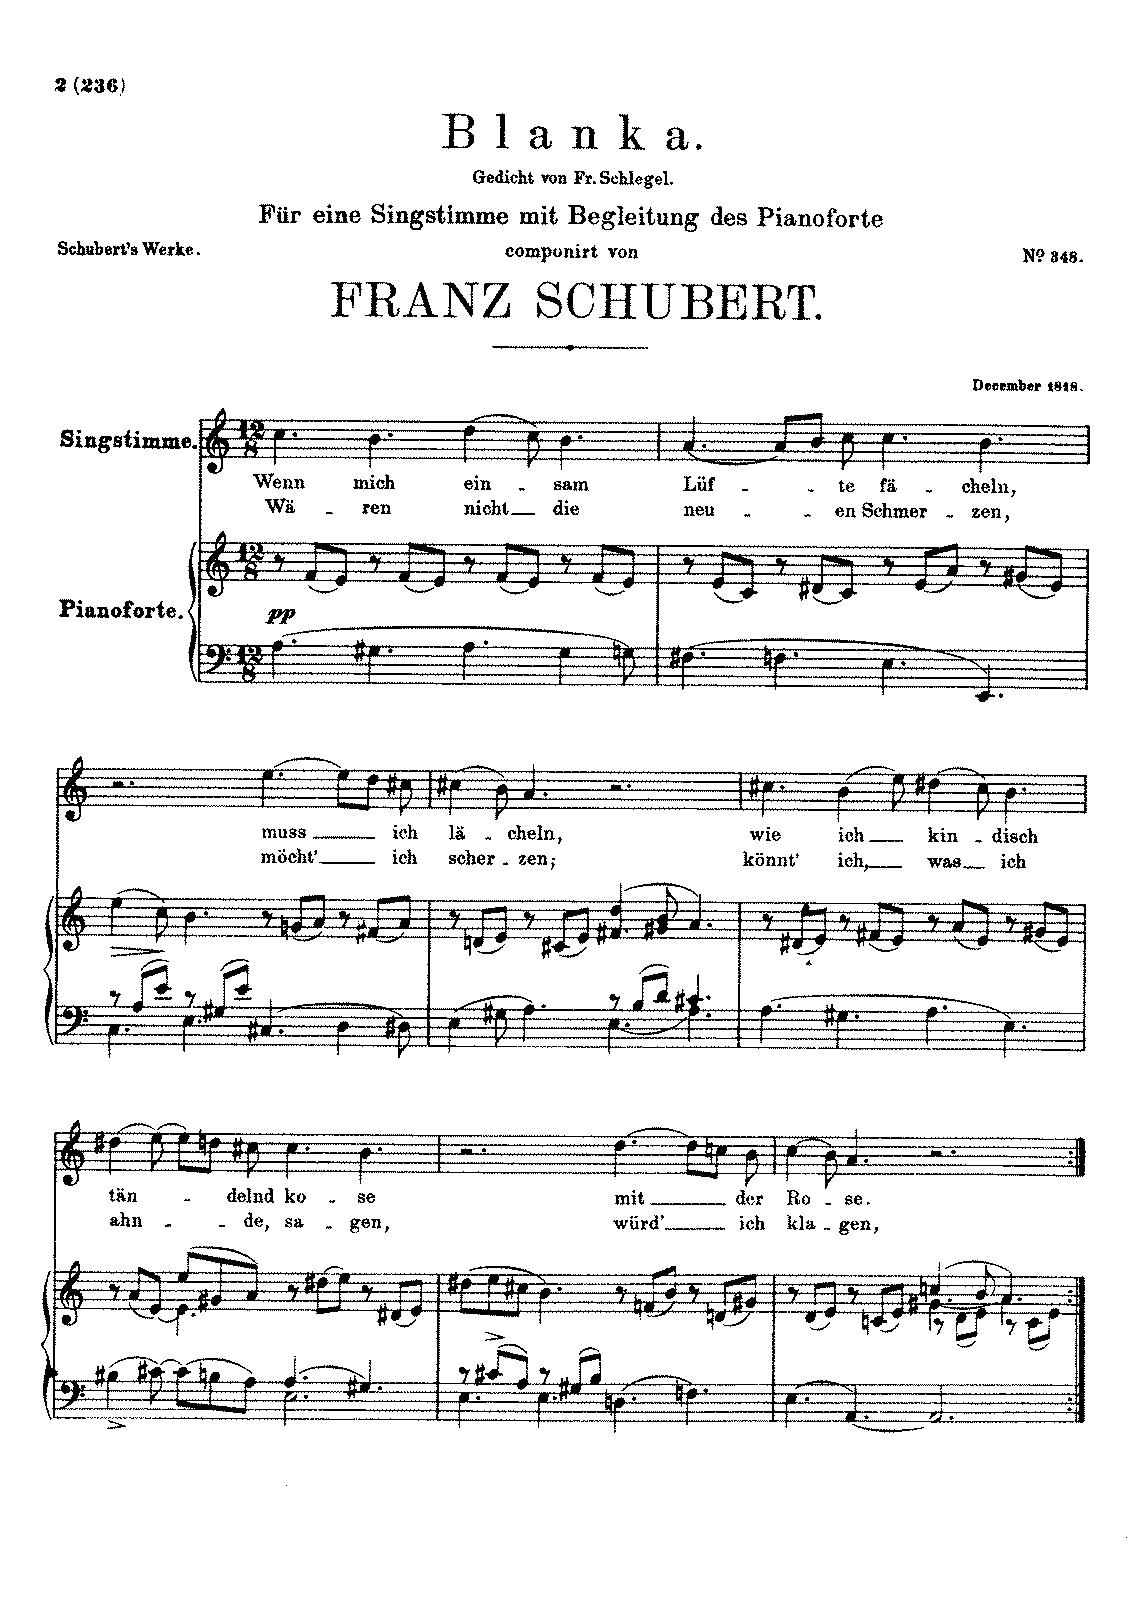 Blanka, D.631 (Schubert, Franz) - IMSLP/Petrucci Music Library: Free ...